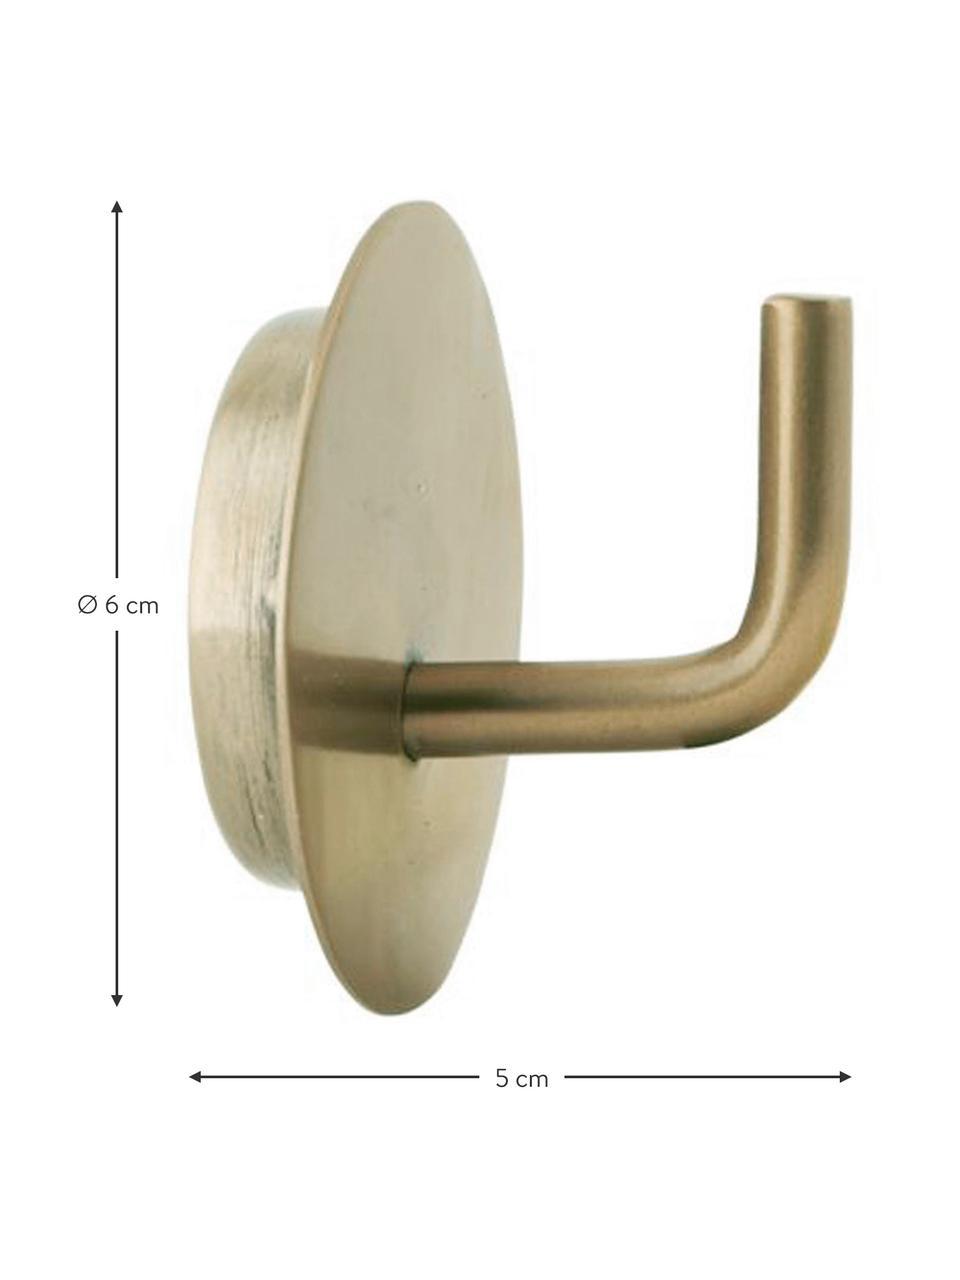 Metall-Kleiderhaken Lema, 2 Stück, Aluminium, beschichtet, Messingfarben, Ø 6 x T 5 cm